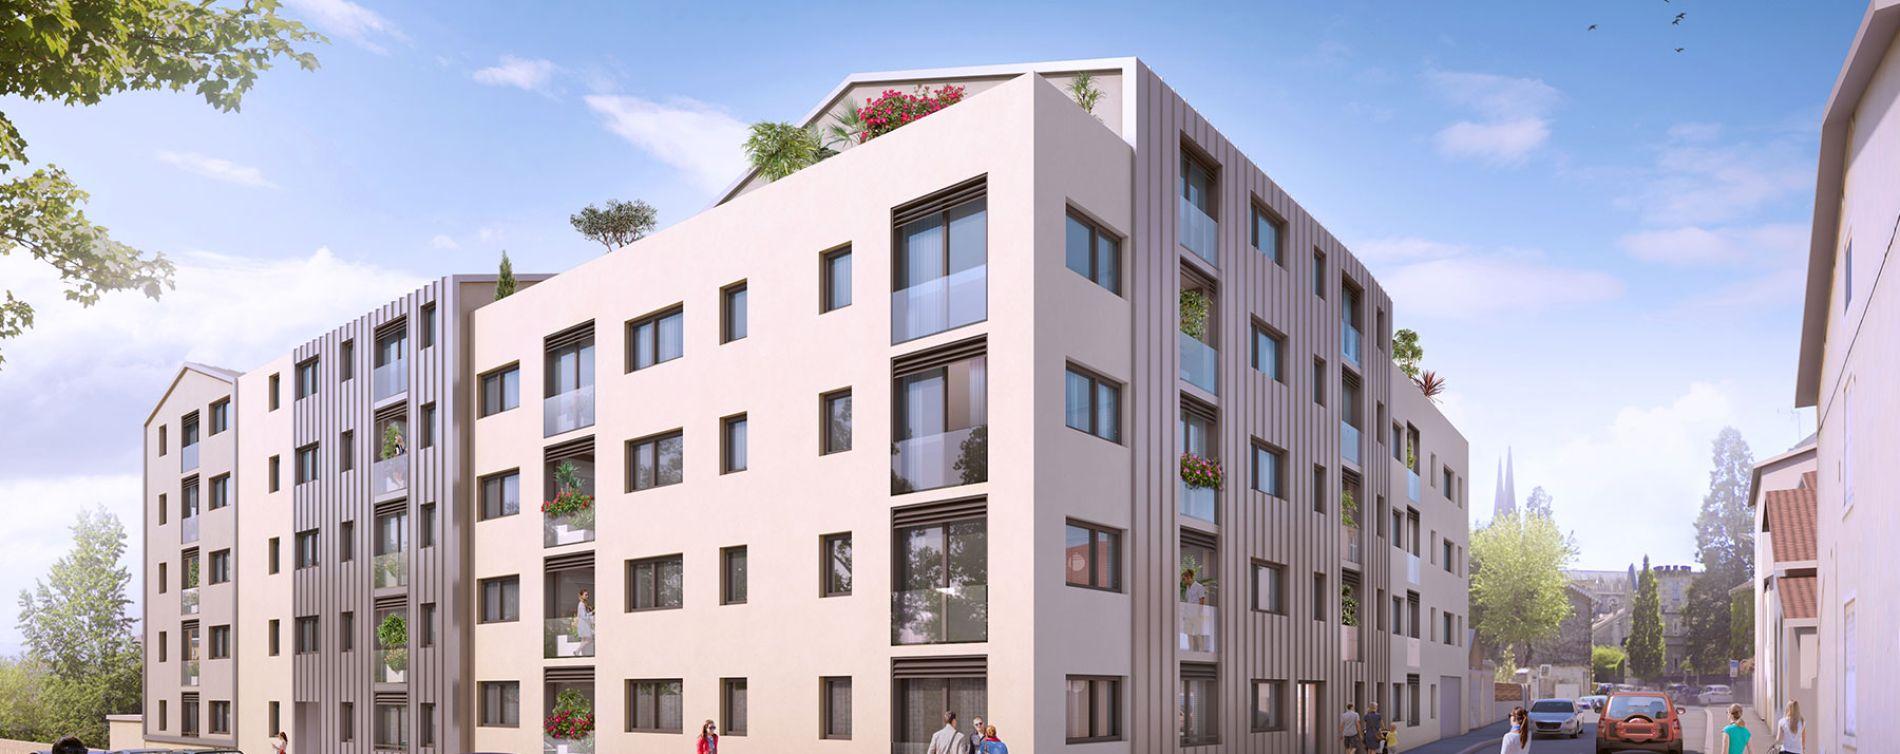 Résidence Espace Milliat à Bourg-en-Bresse